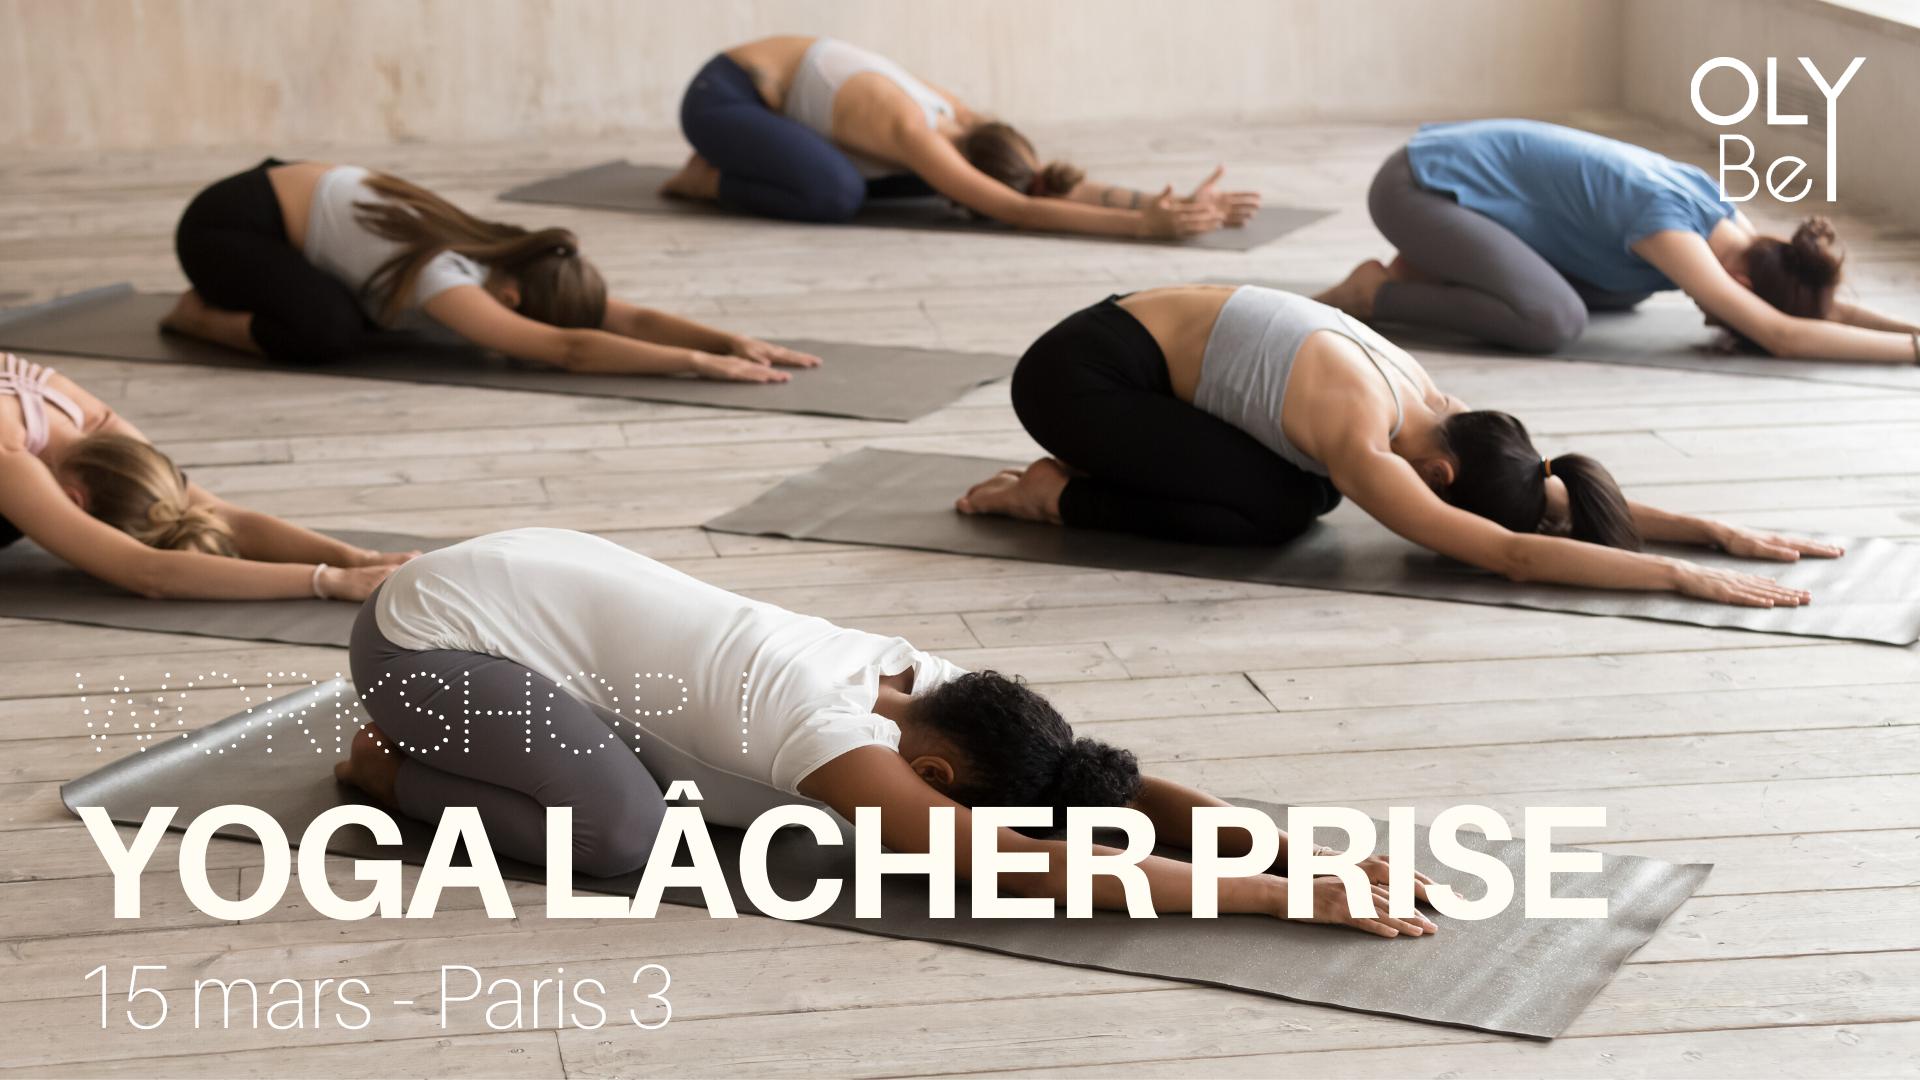 dimanche 15 MARS - De 15h30 à 17h30 chez Yoga Searcher - Paris 3Avec notre professeure certifiée, Valentine.> Infos & Réservations ici !